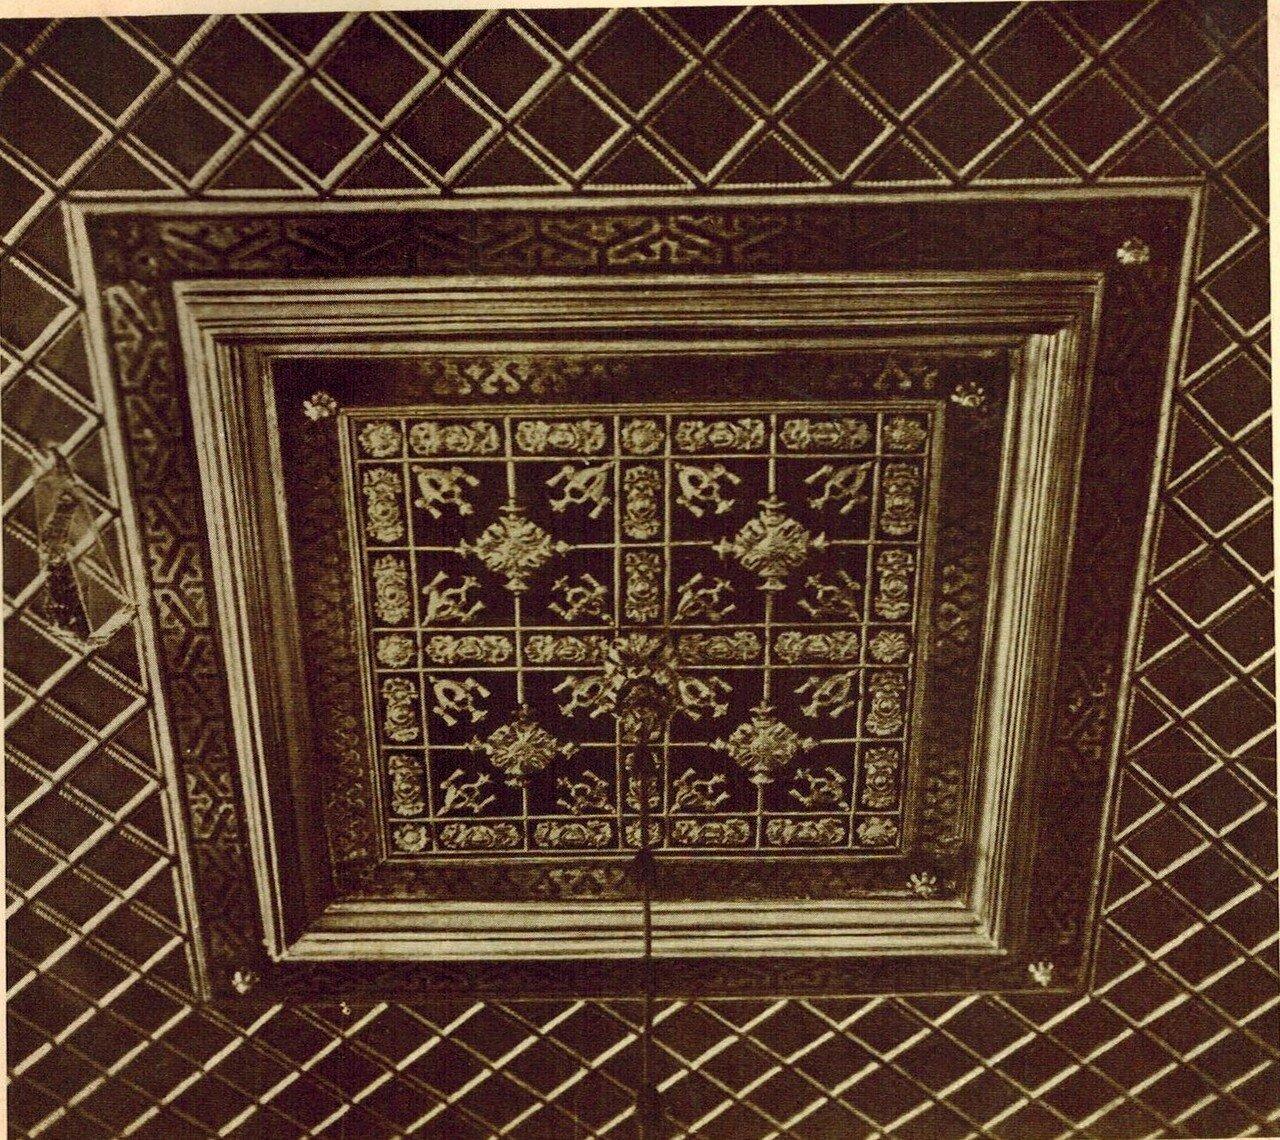 Потолок Золотого кабинета